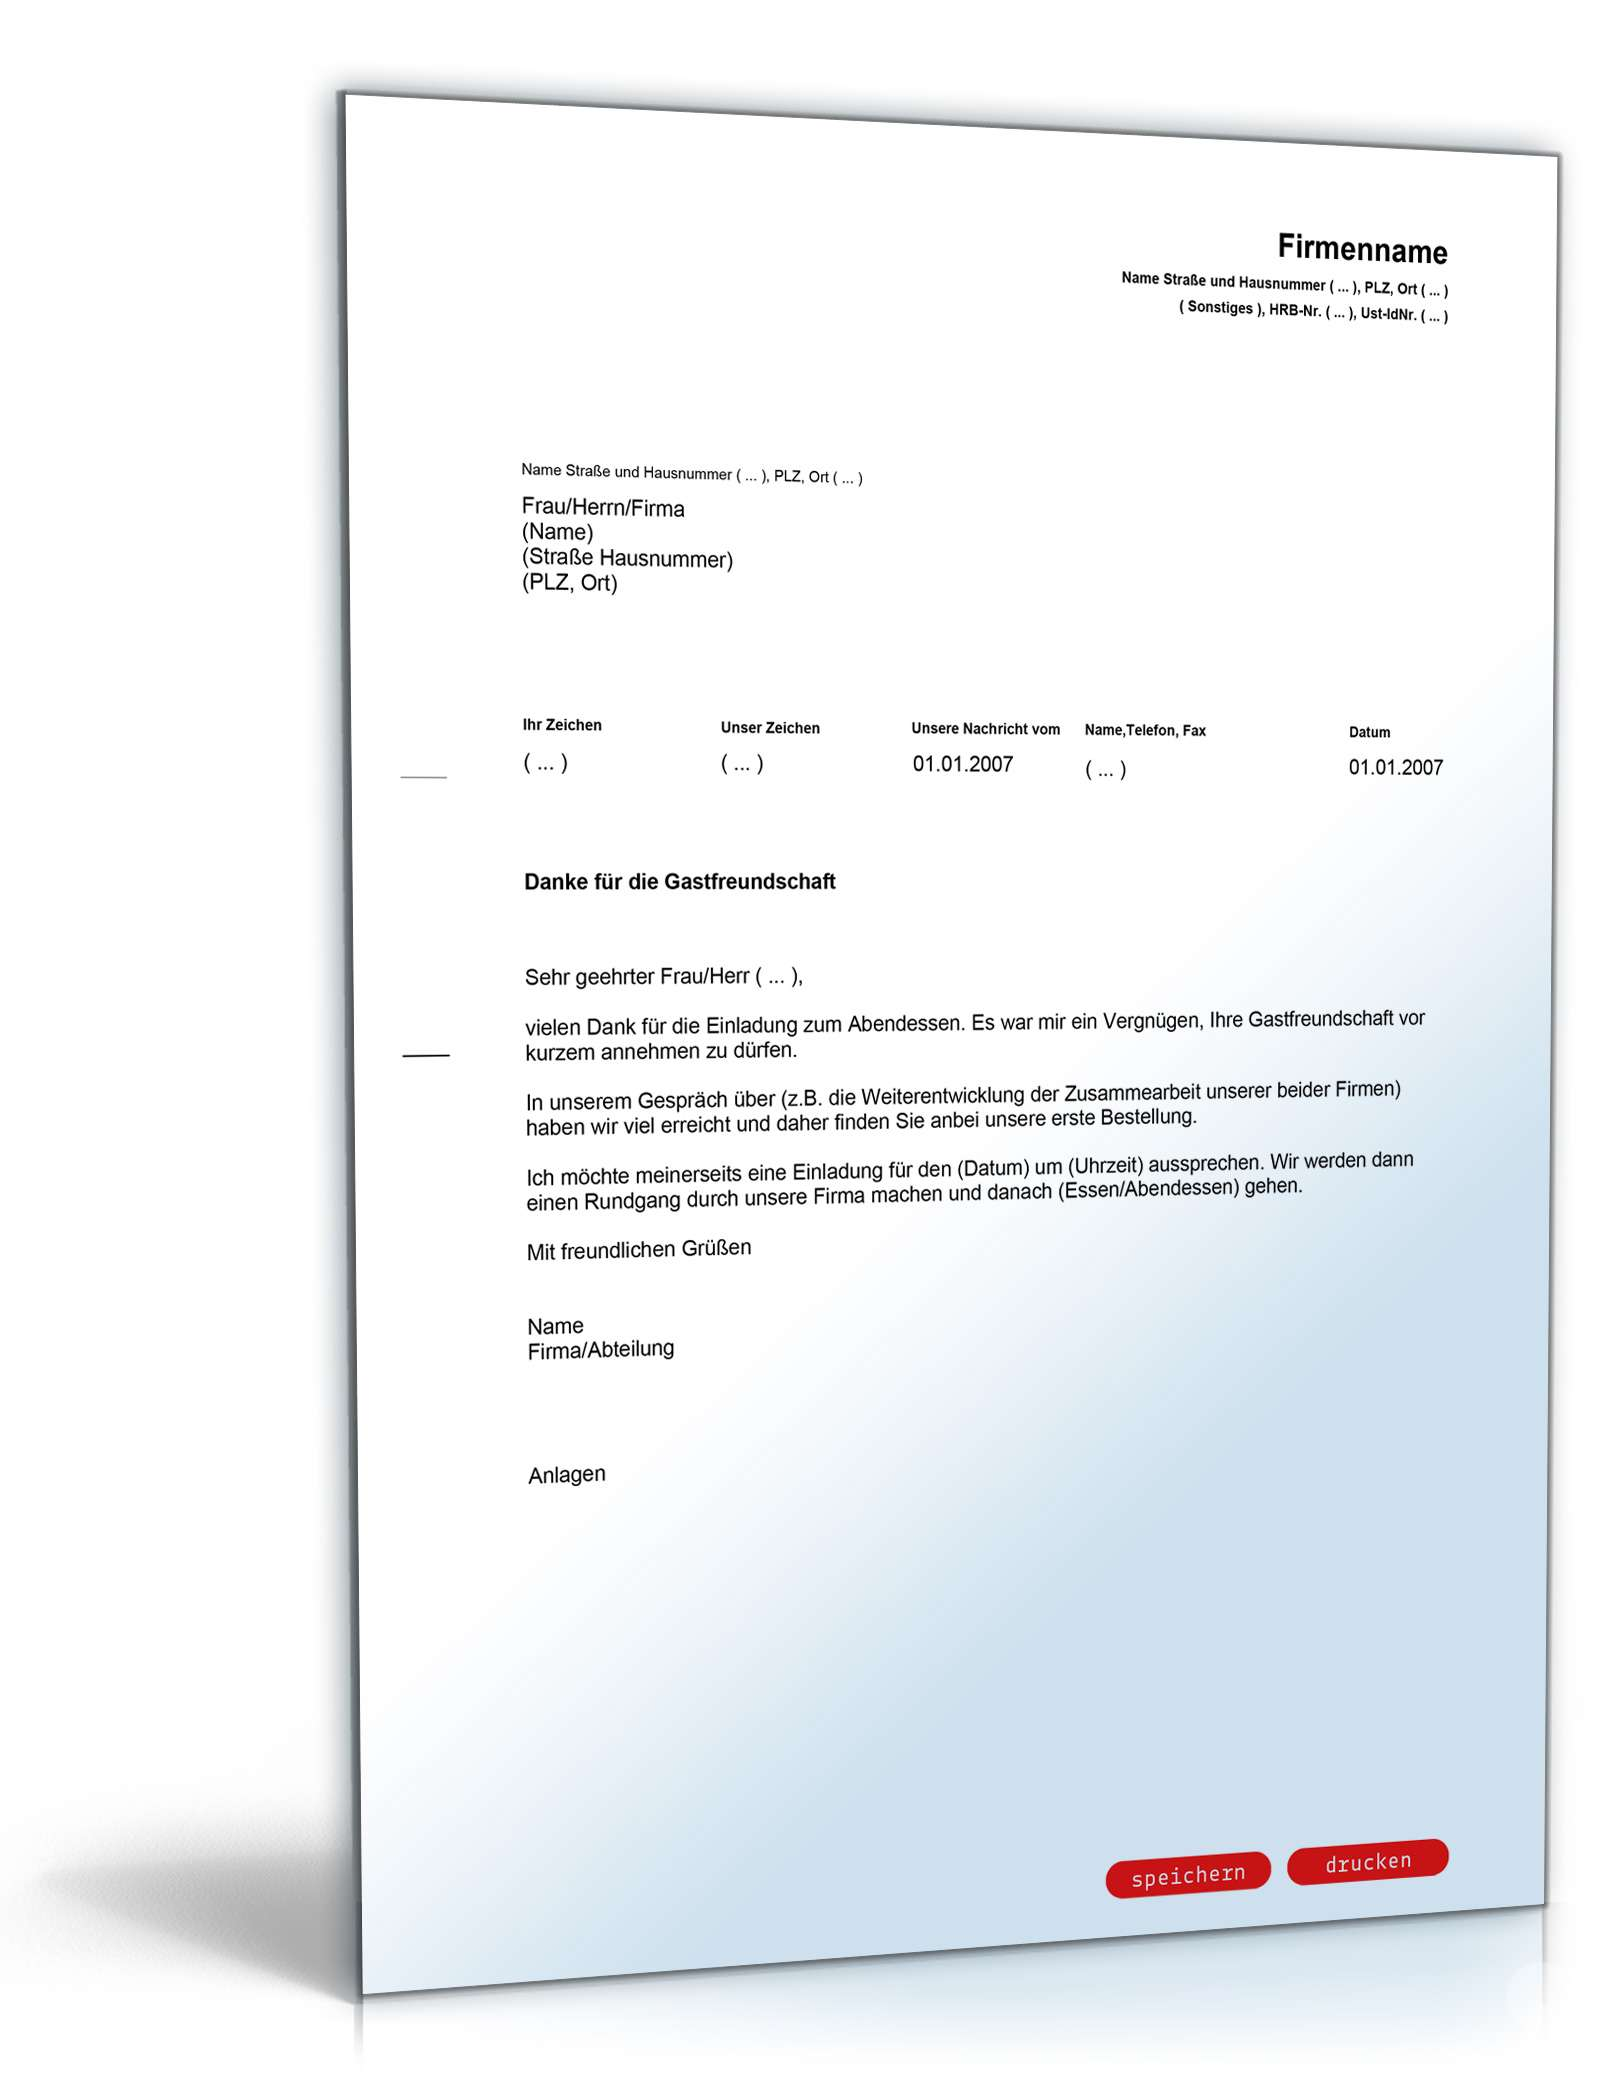 Musterbriefe Danksagung : Danksagung gastfreundschaft muster zum download